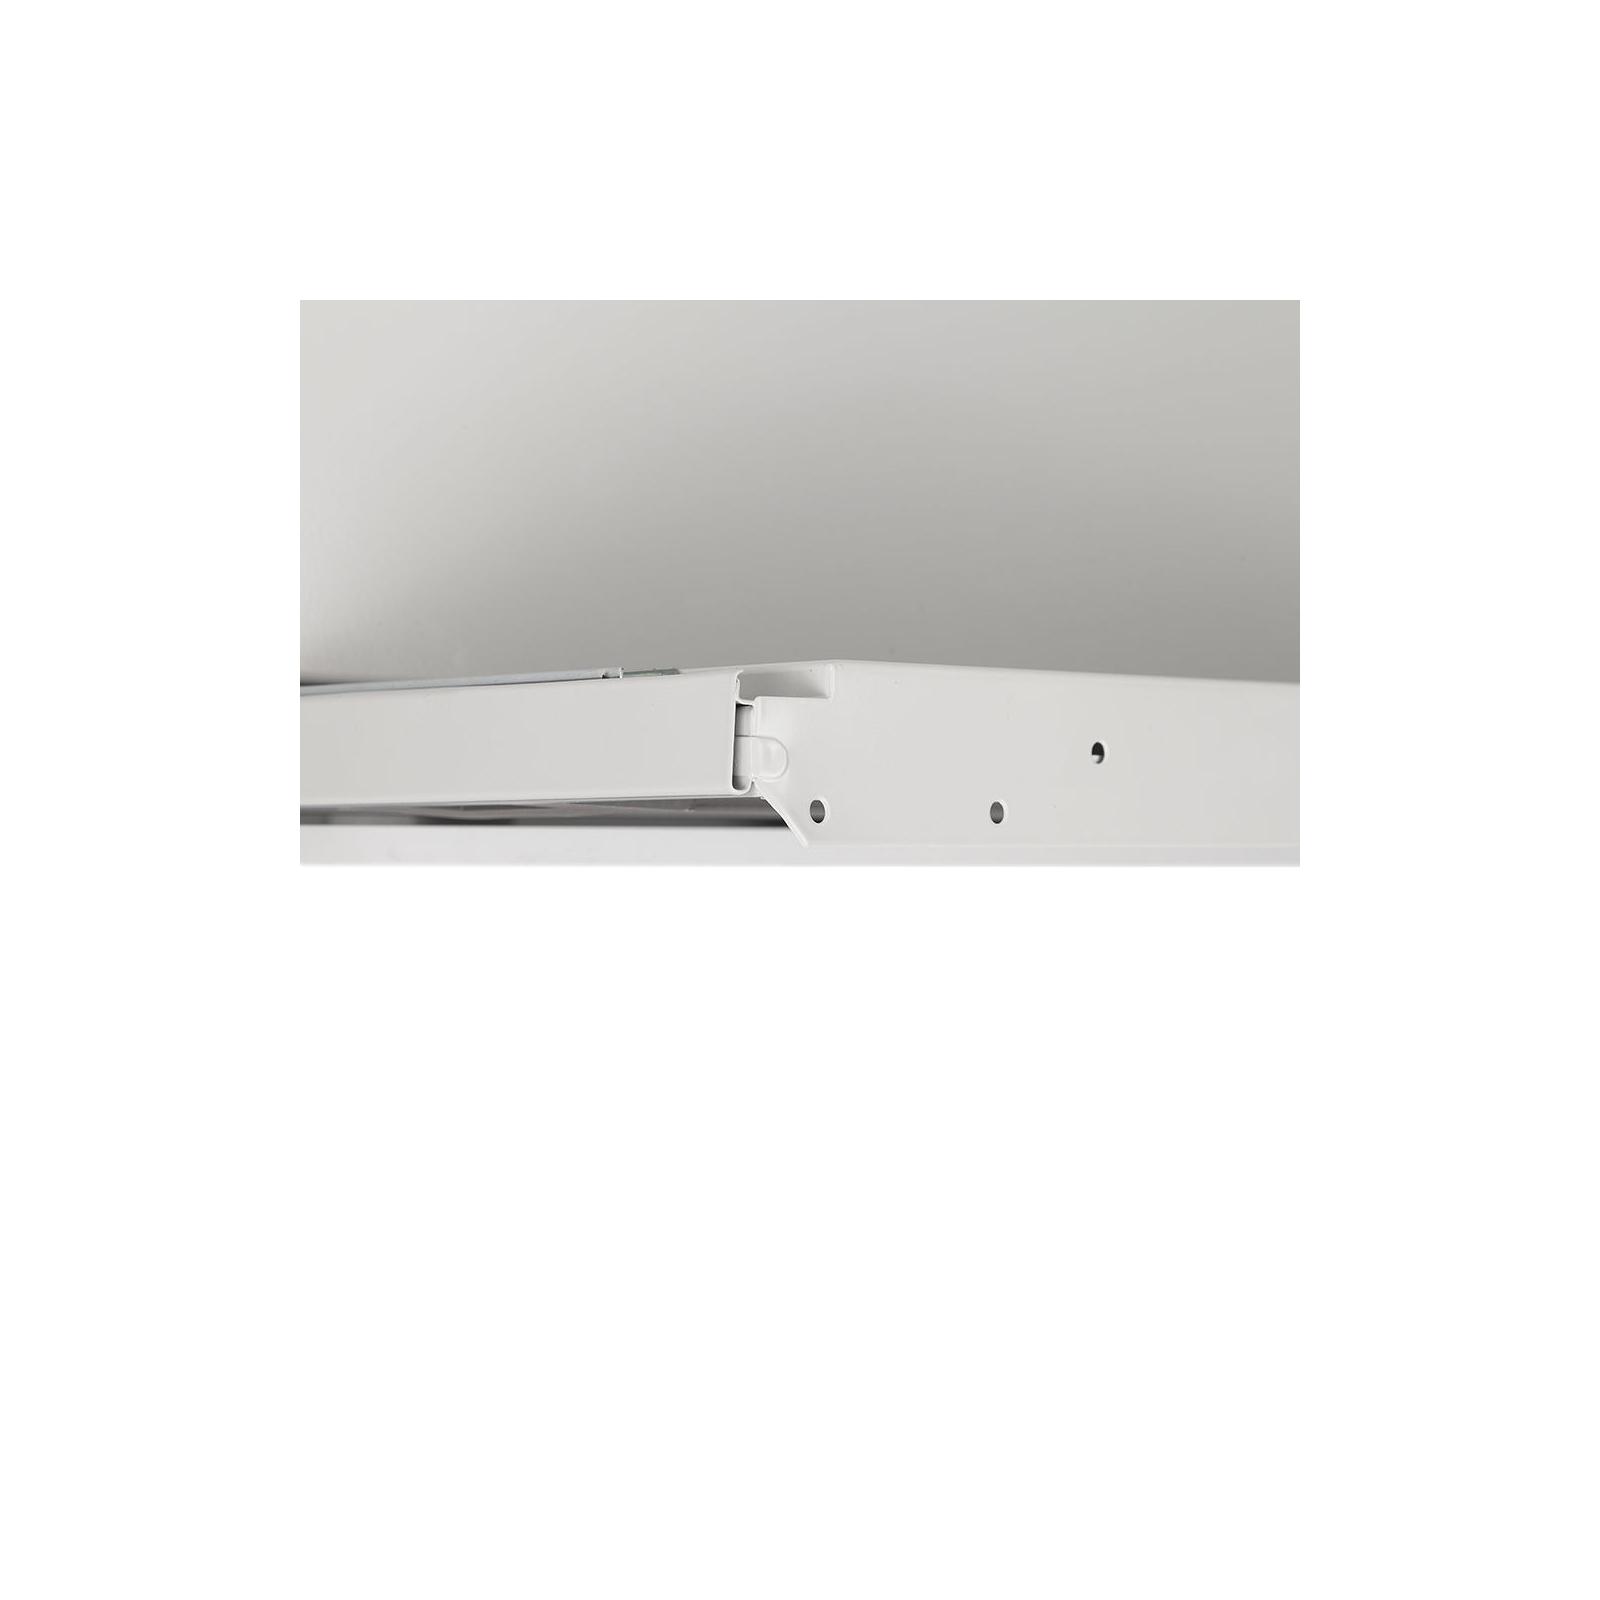 Вытяжка кухонная PYRAMIDA R-TL 60 GR изображение 3